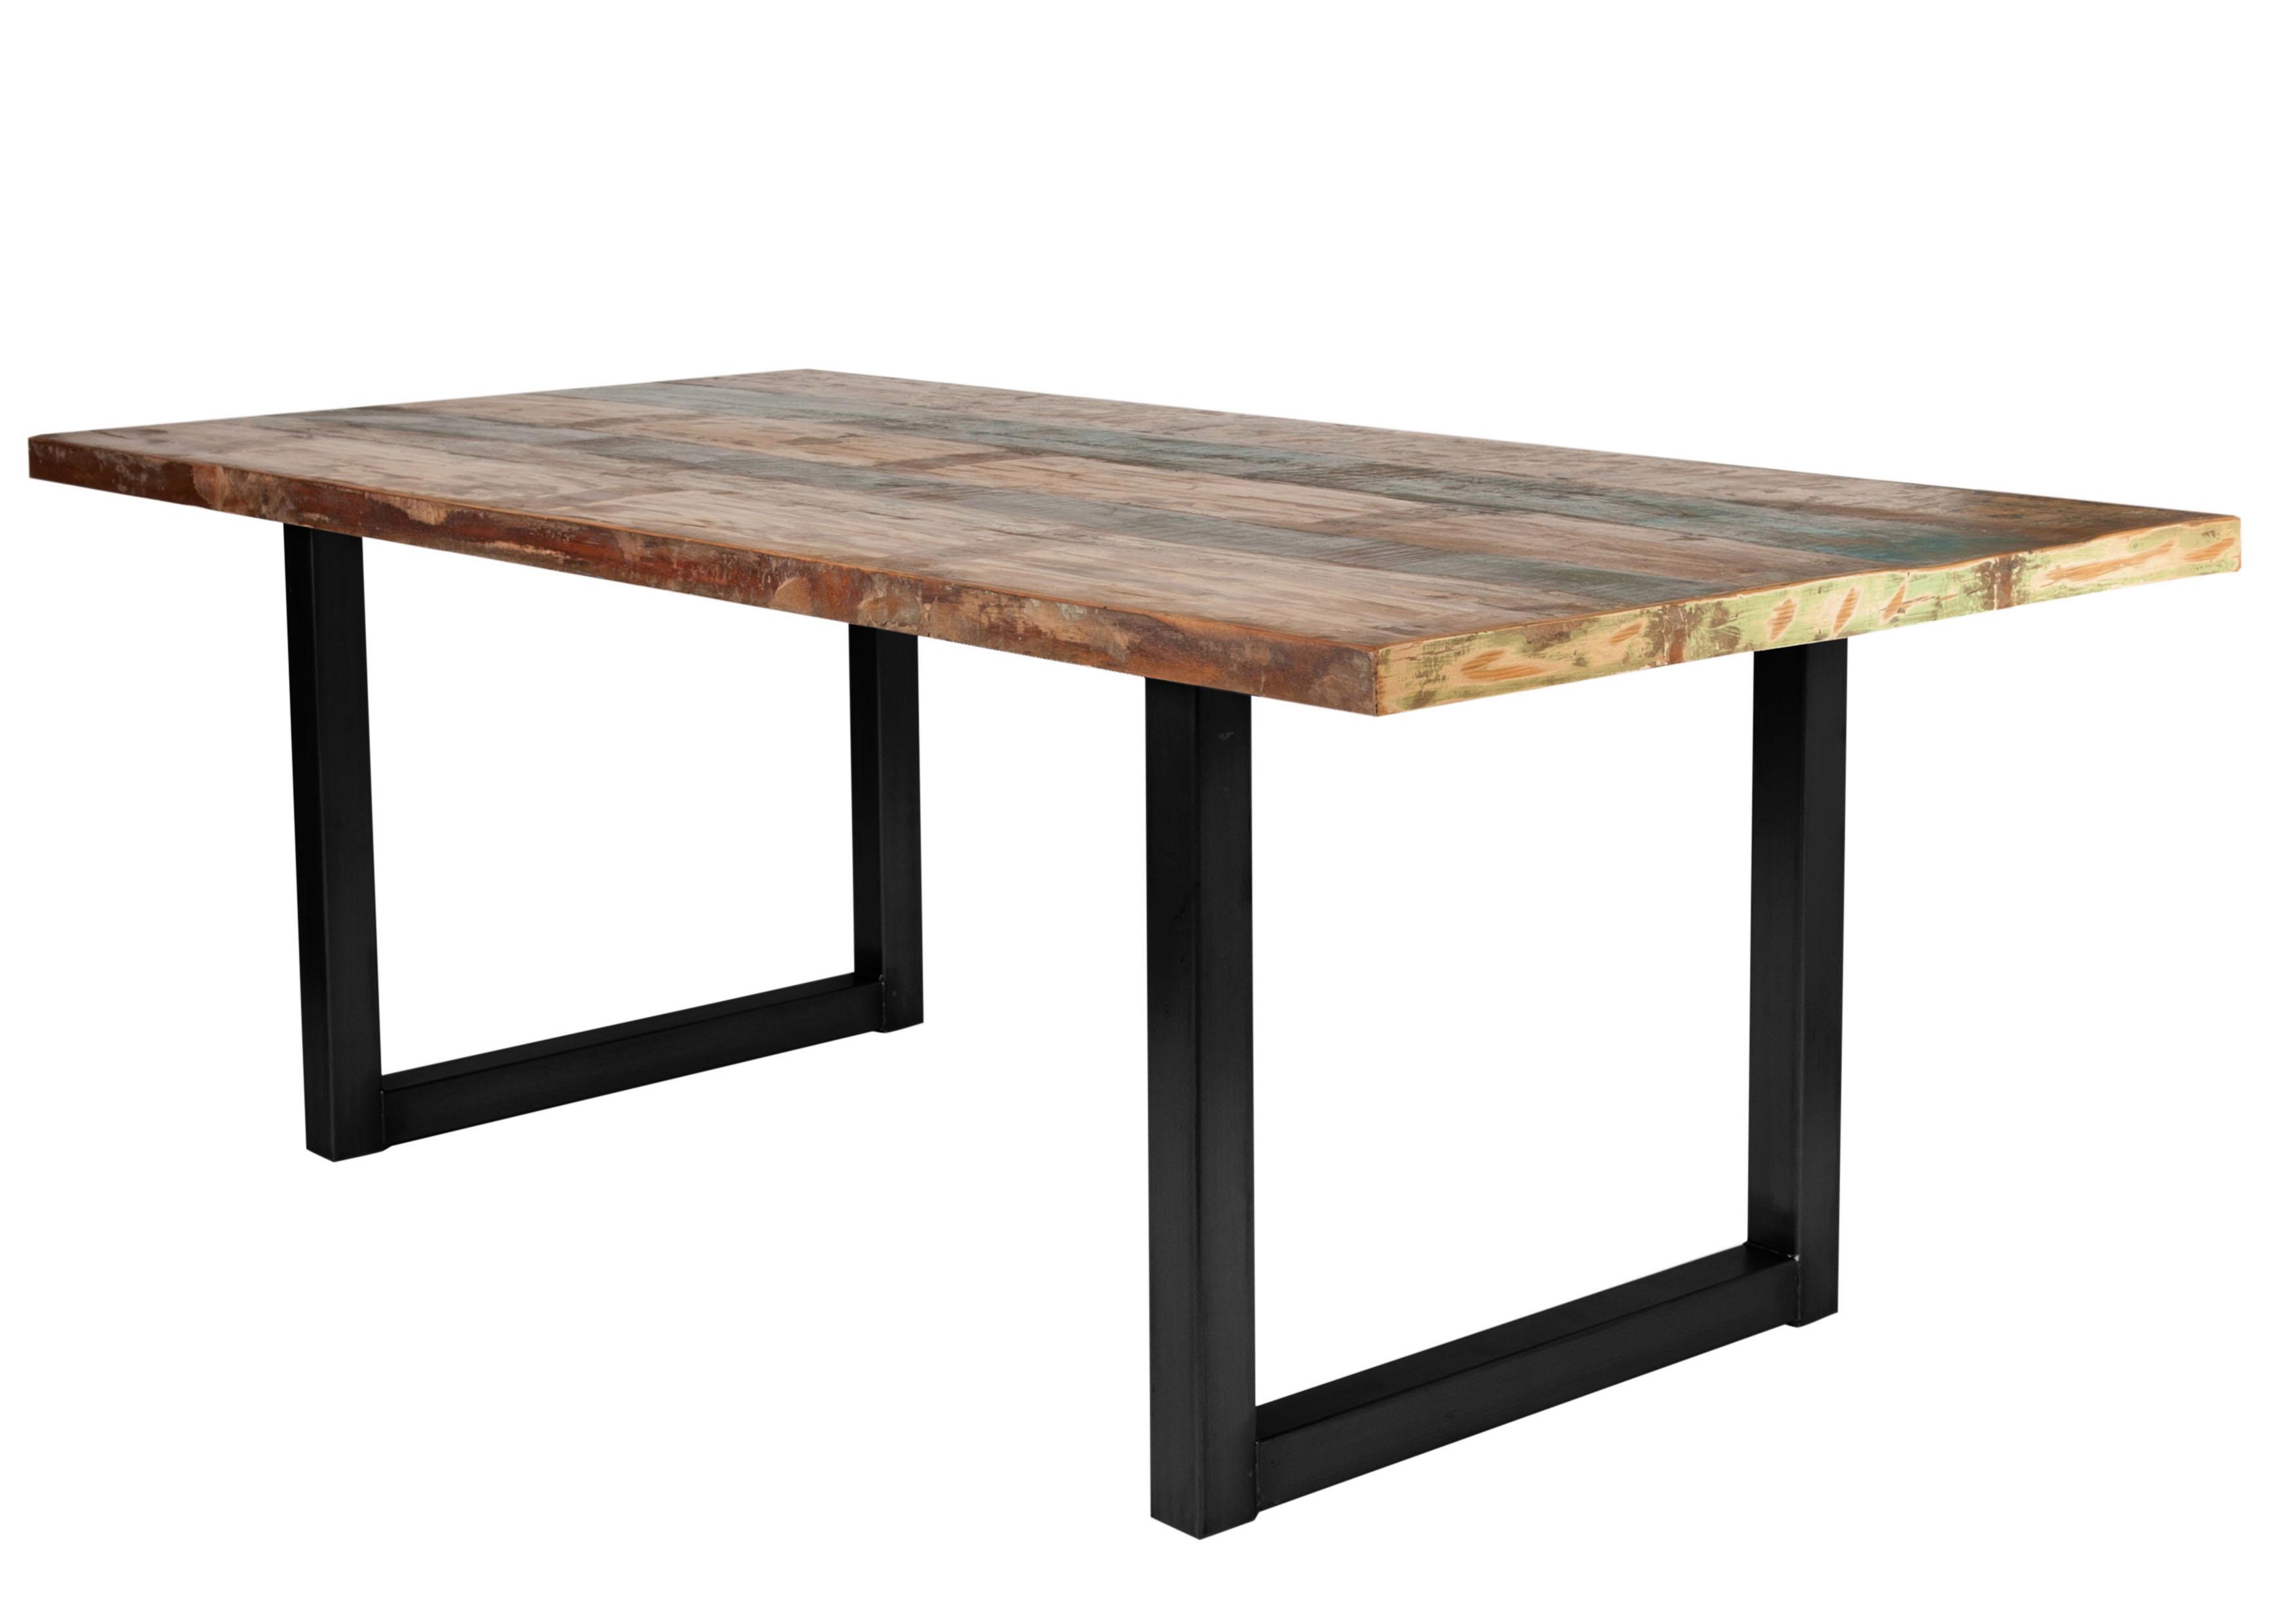 SIT Esstisch Tops aus recyceltem Altholz und Metall Preisvergleich